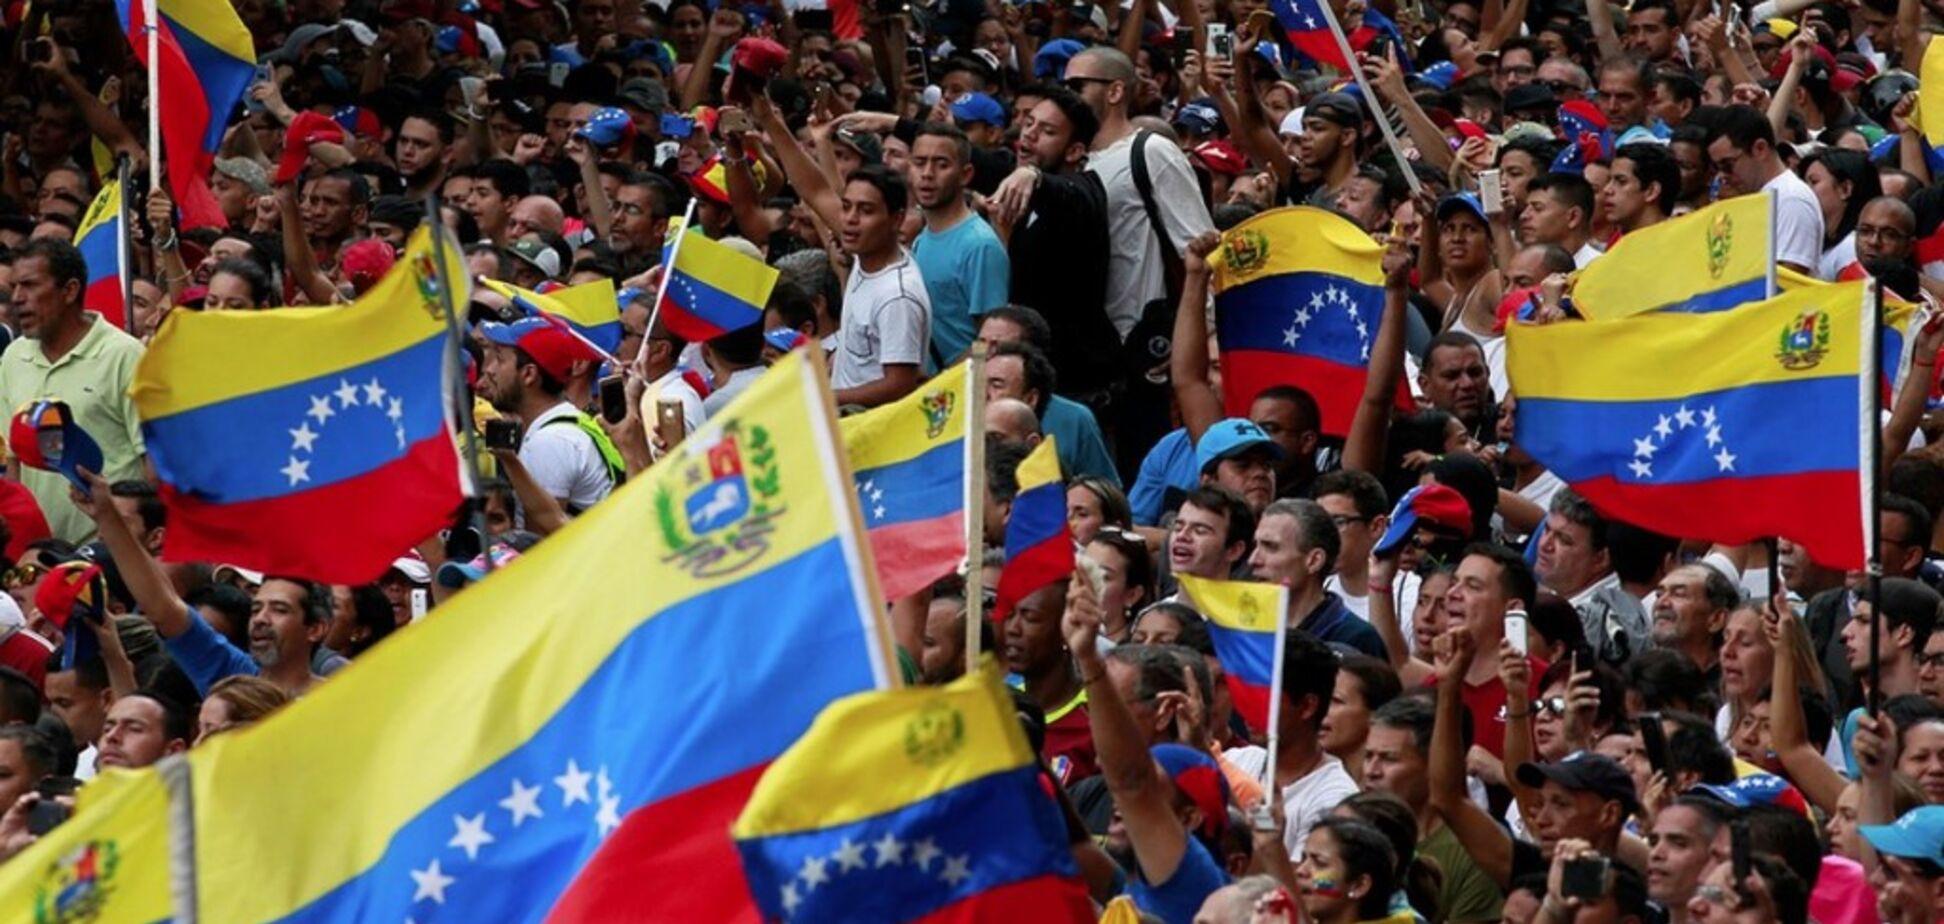 Борьба двух президентов в Венесуэле: в конфликте объявился неожиданный посредник